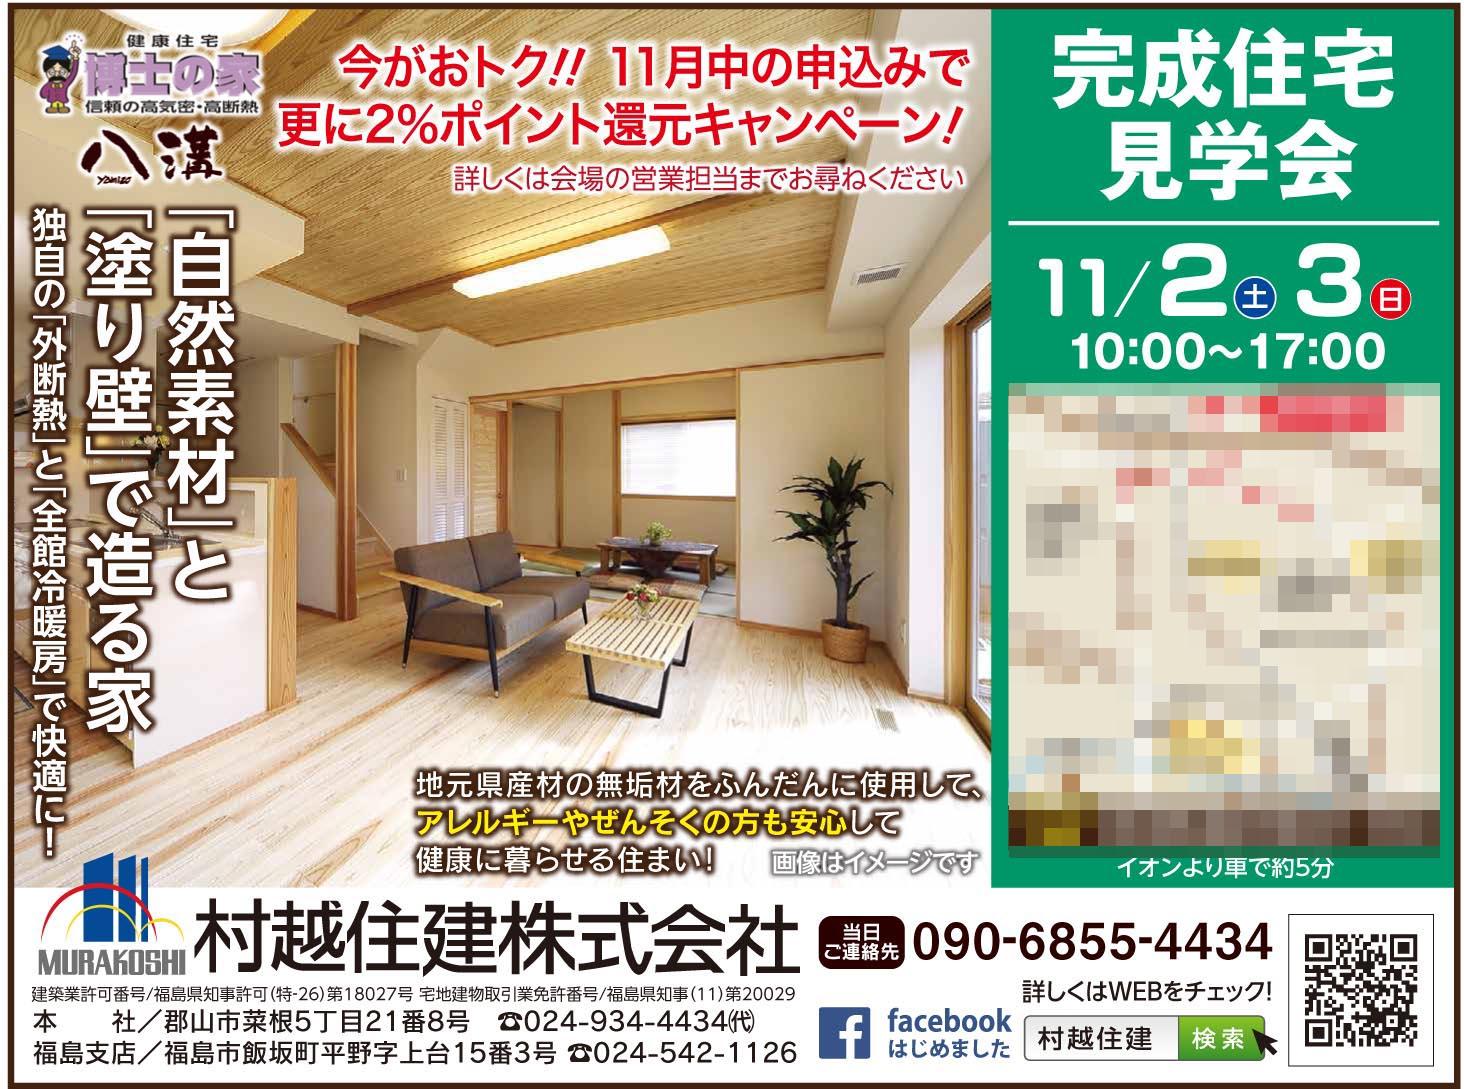 自然素材 木の家 健康住宅 福島